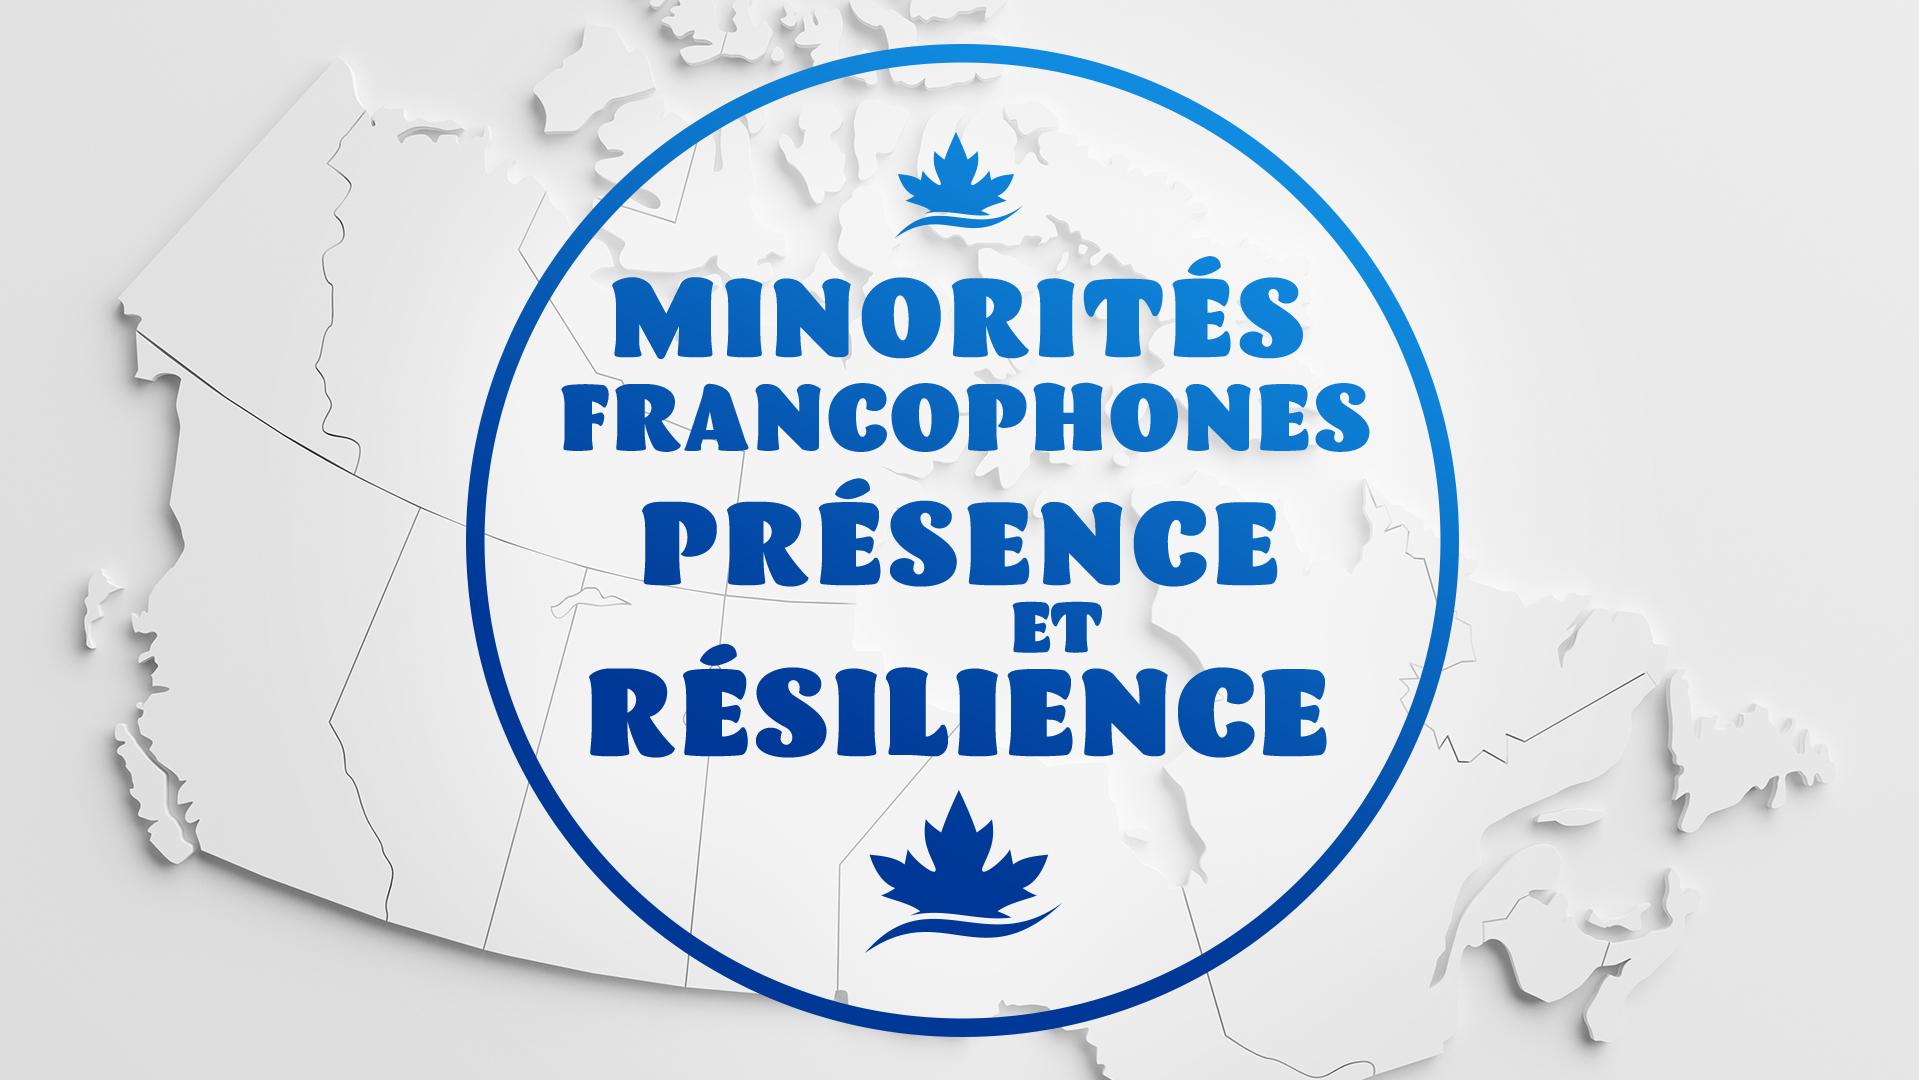 le texte «Minorités Francophones - présence et résilience» en bleu précédé et suivi de feuilles d'érables bleues avec comme fond la carte de canada en blanc